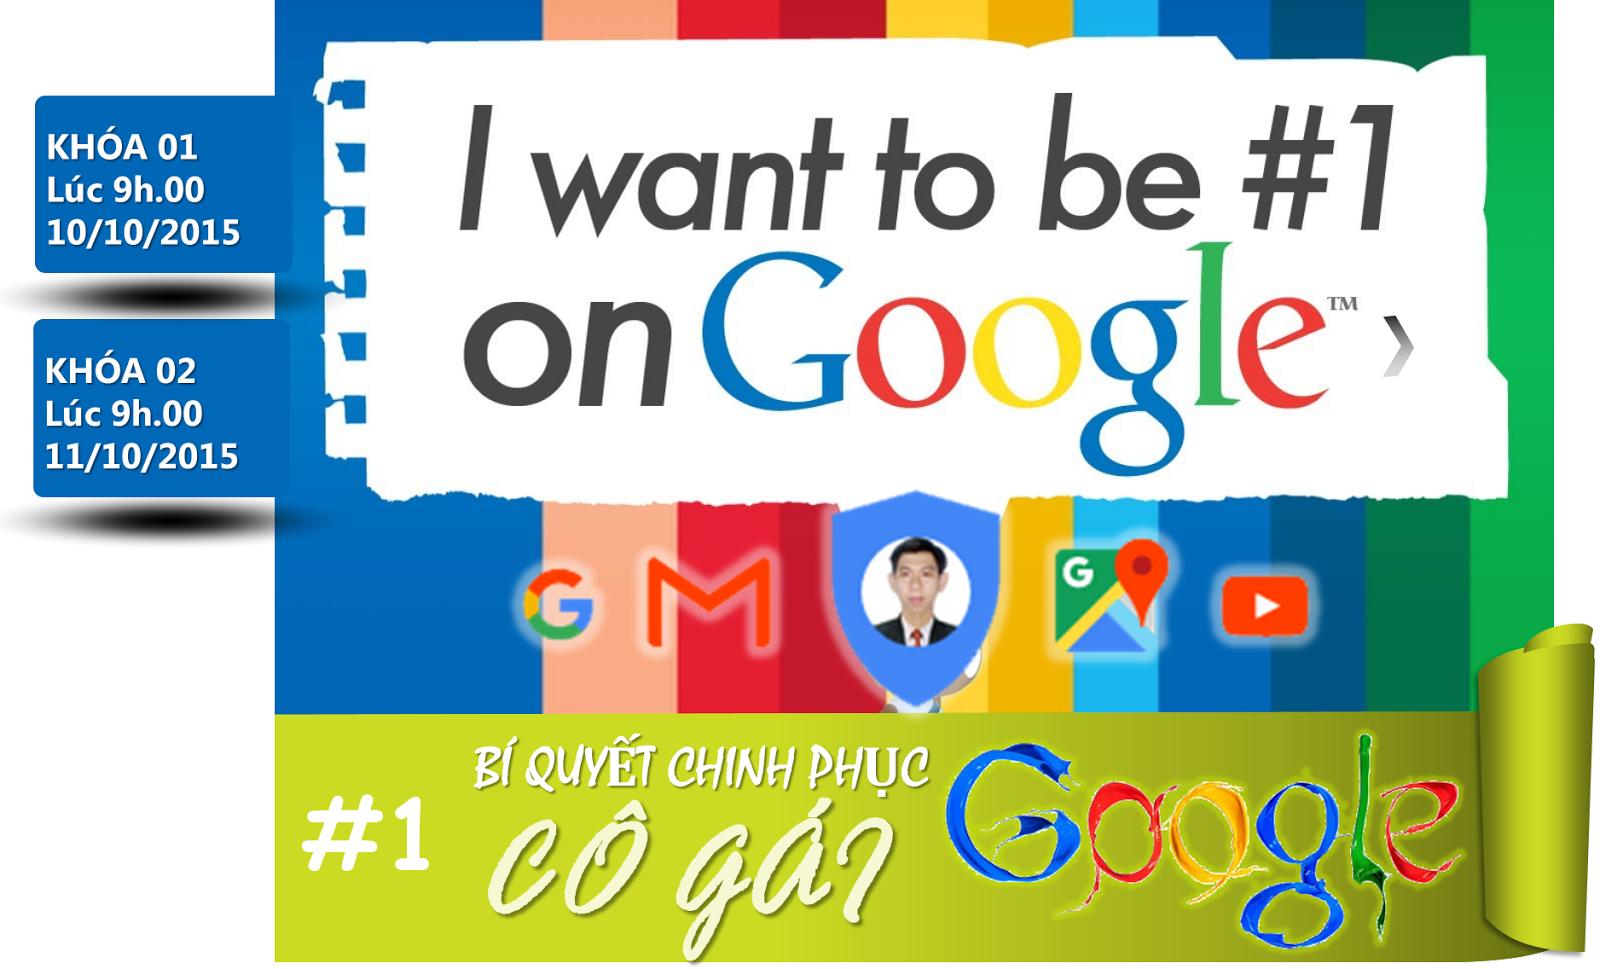 Bí quyết chinh phục cô gái Google